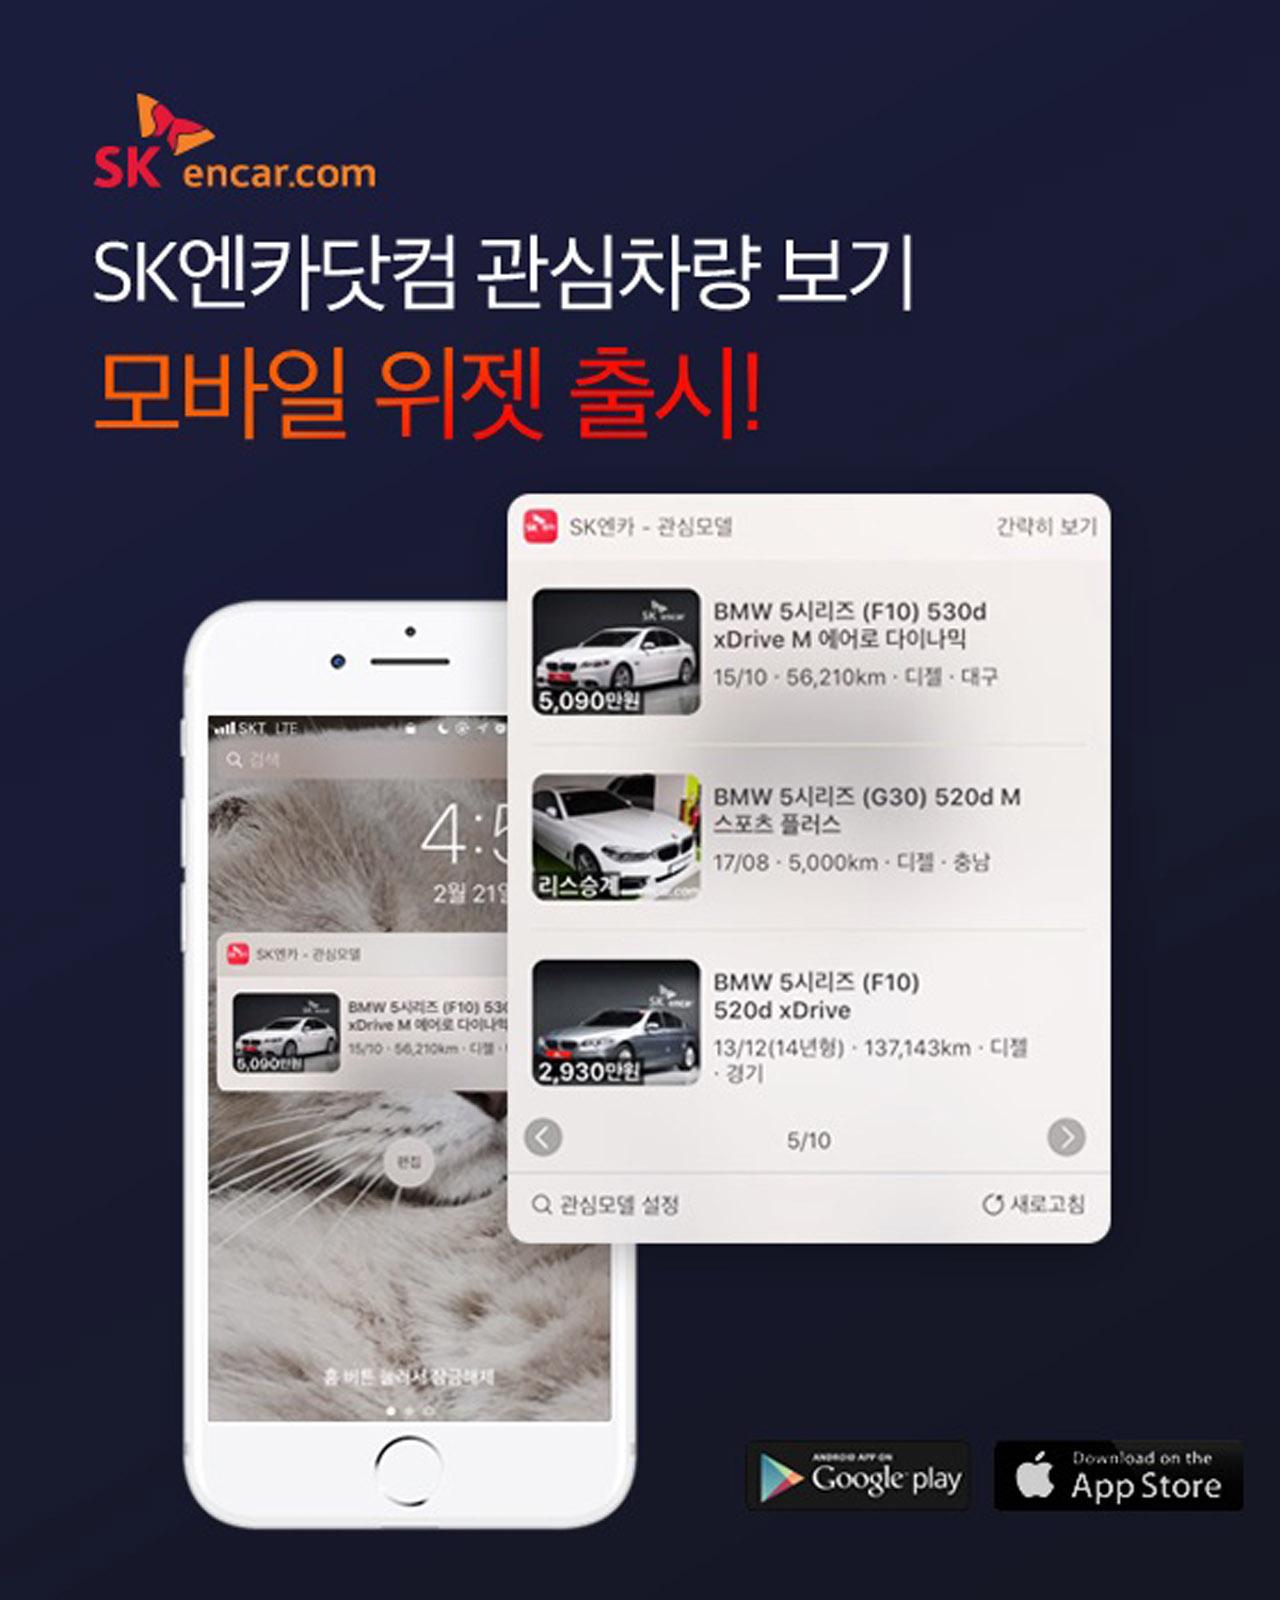 [첨부이미지] SK엔카닷컴, '관심차량 보기' 스마트폰 위젯 서비스 오픈